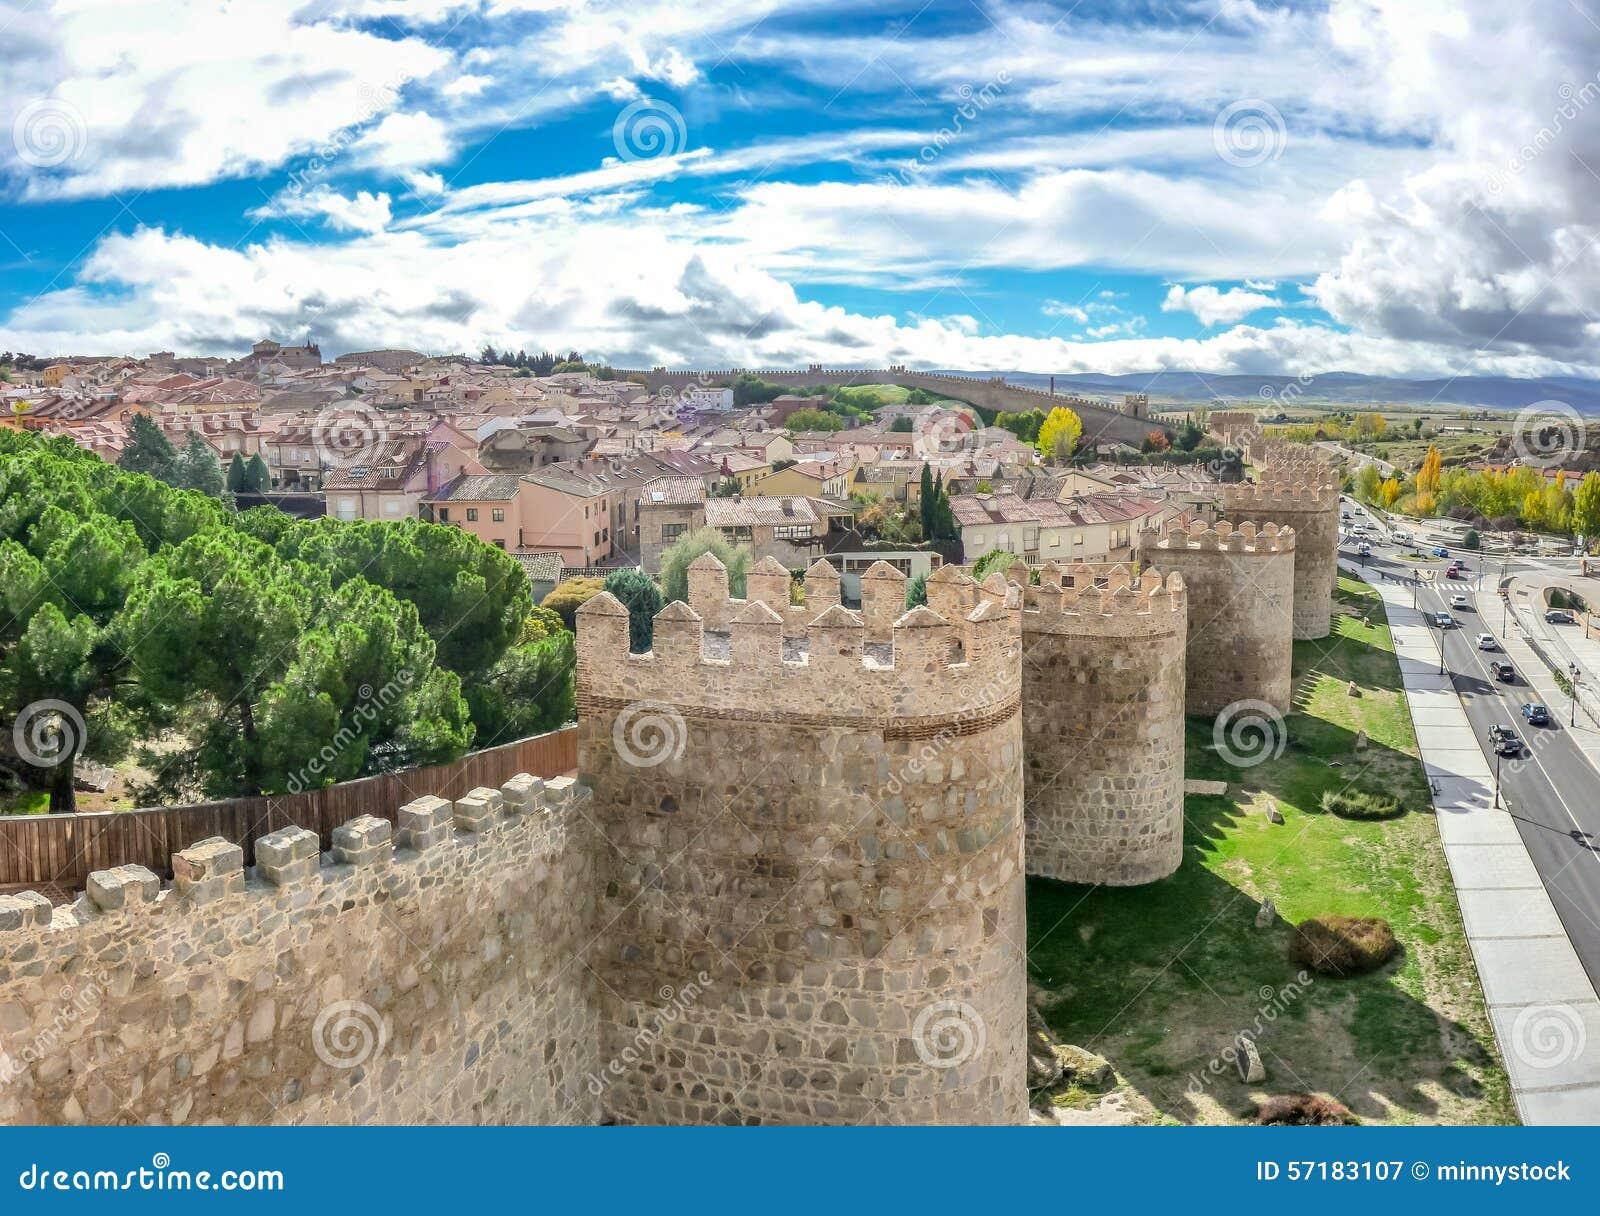 Beautiful view of the ancient walls of avila castilla y for Comedores castilla y leon